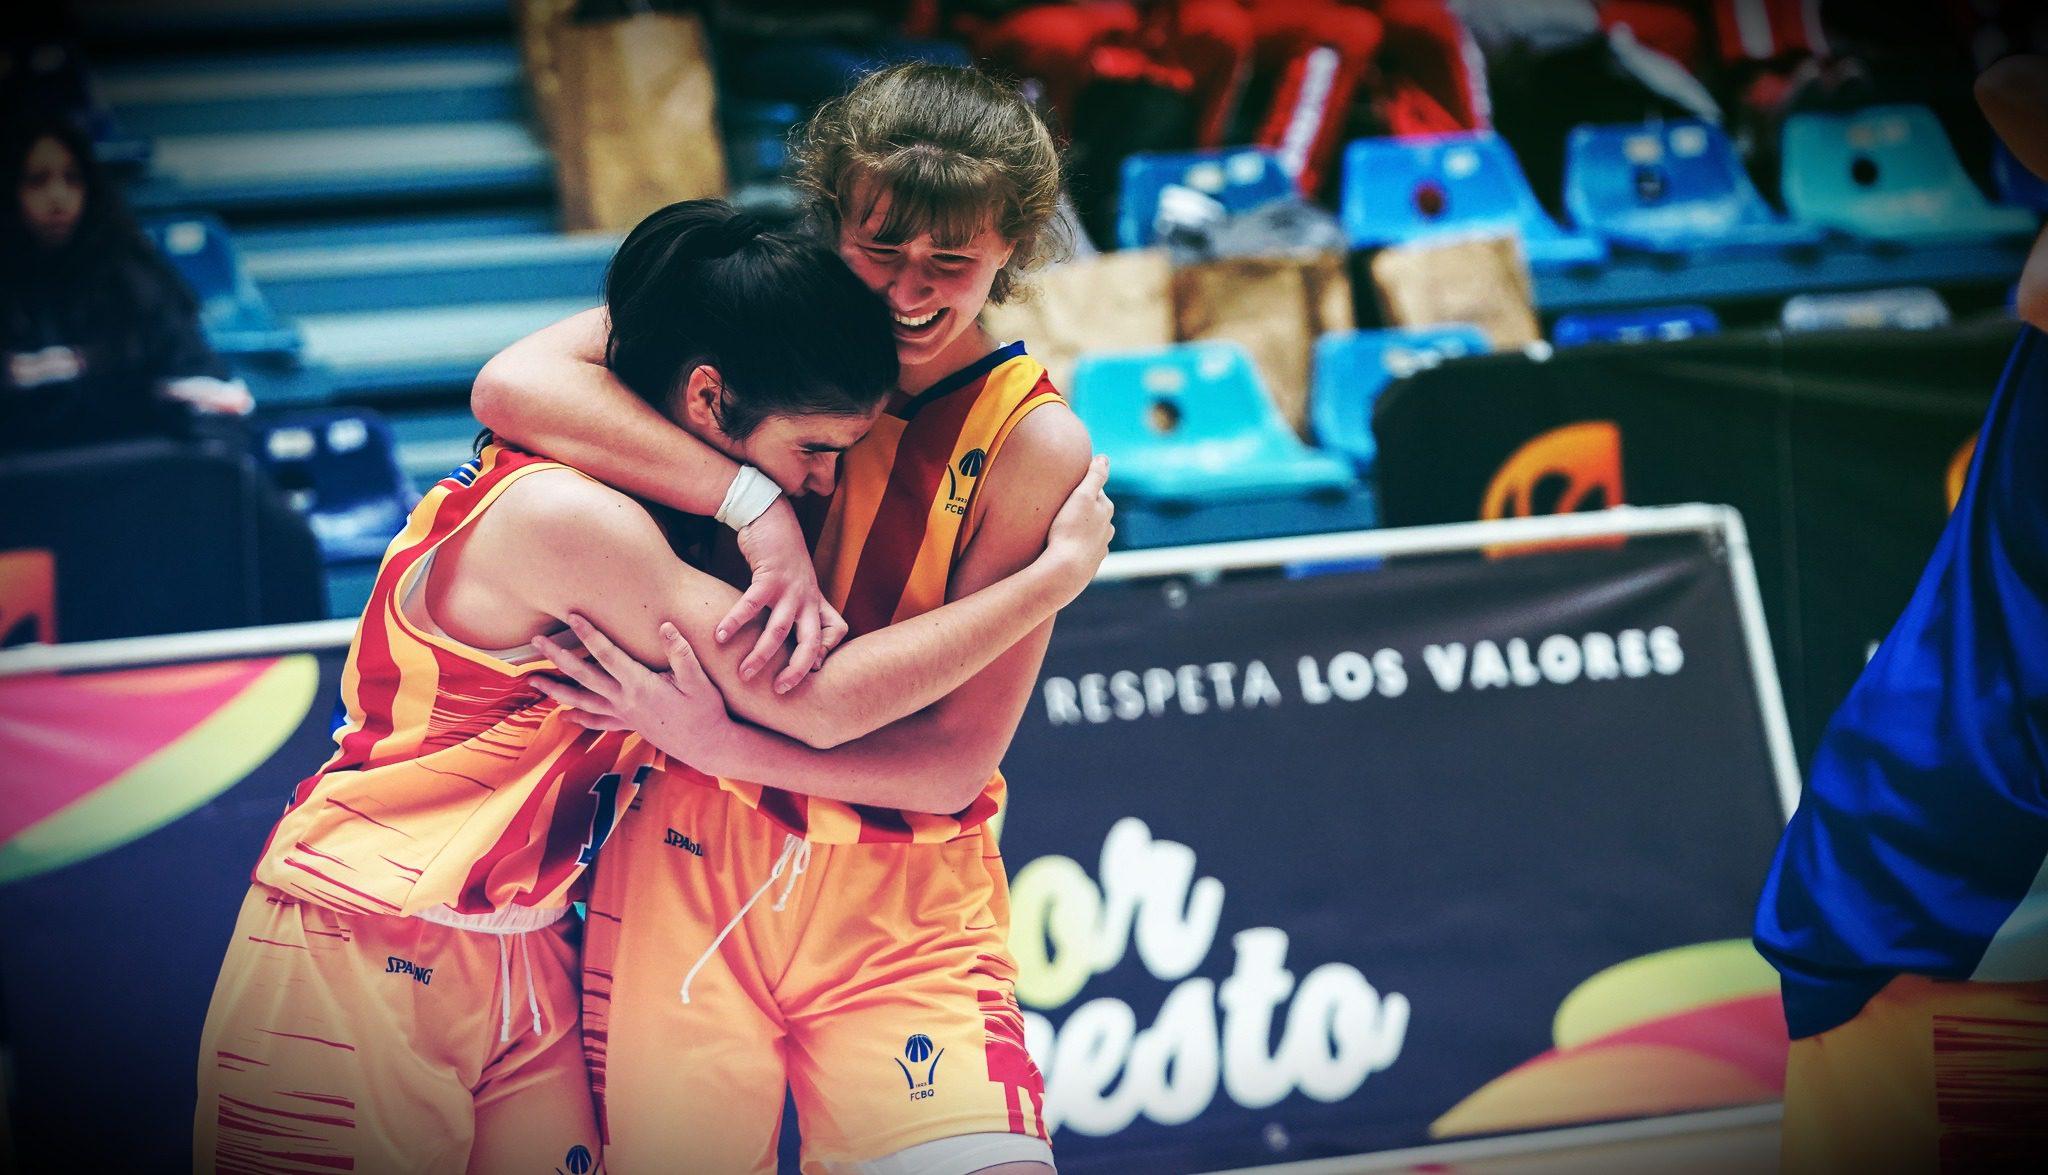 Conoce a Marina Asensio, uno de los grandes talentos de futuro del baloncesto femenino nacional